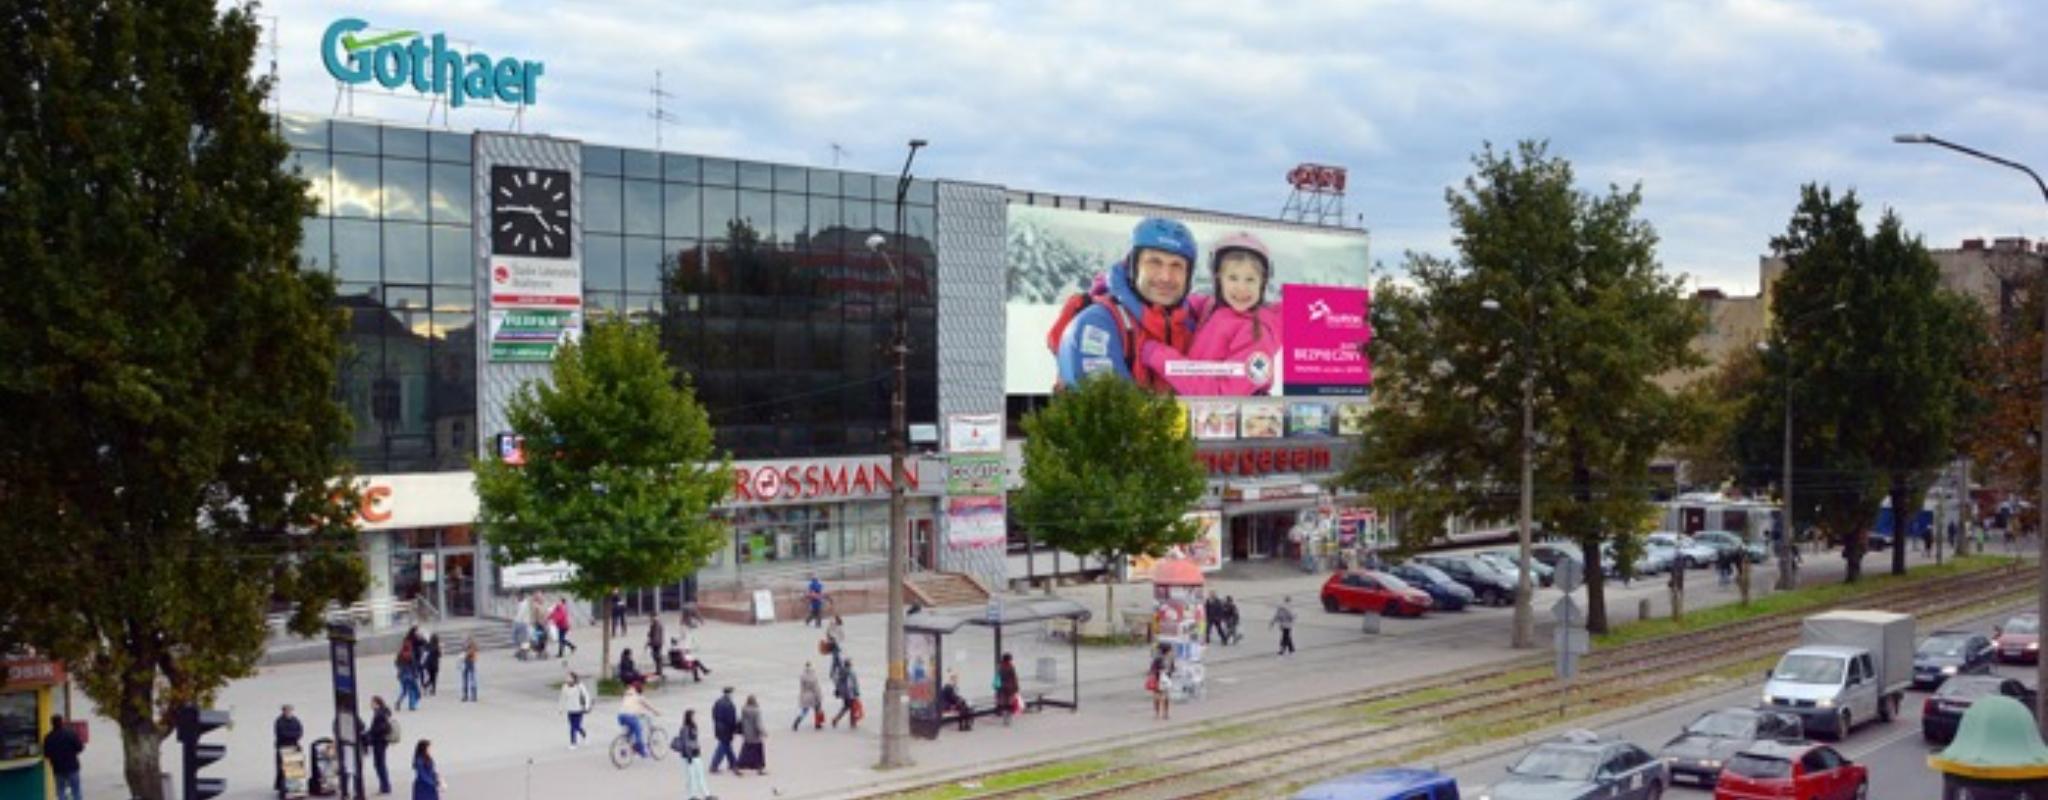 Częstochowa reklama outdoor